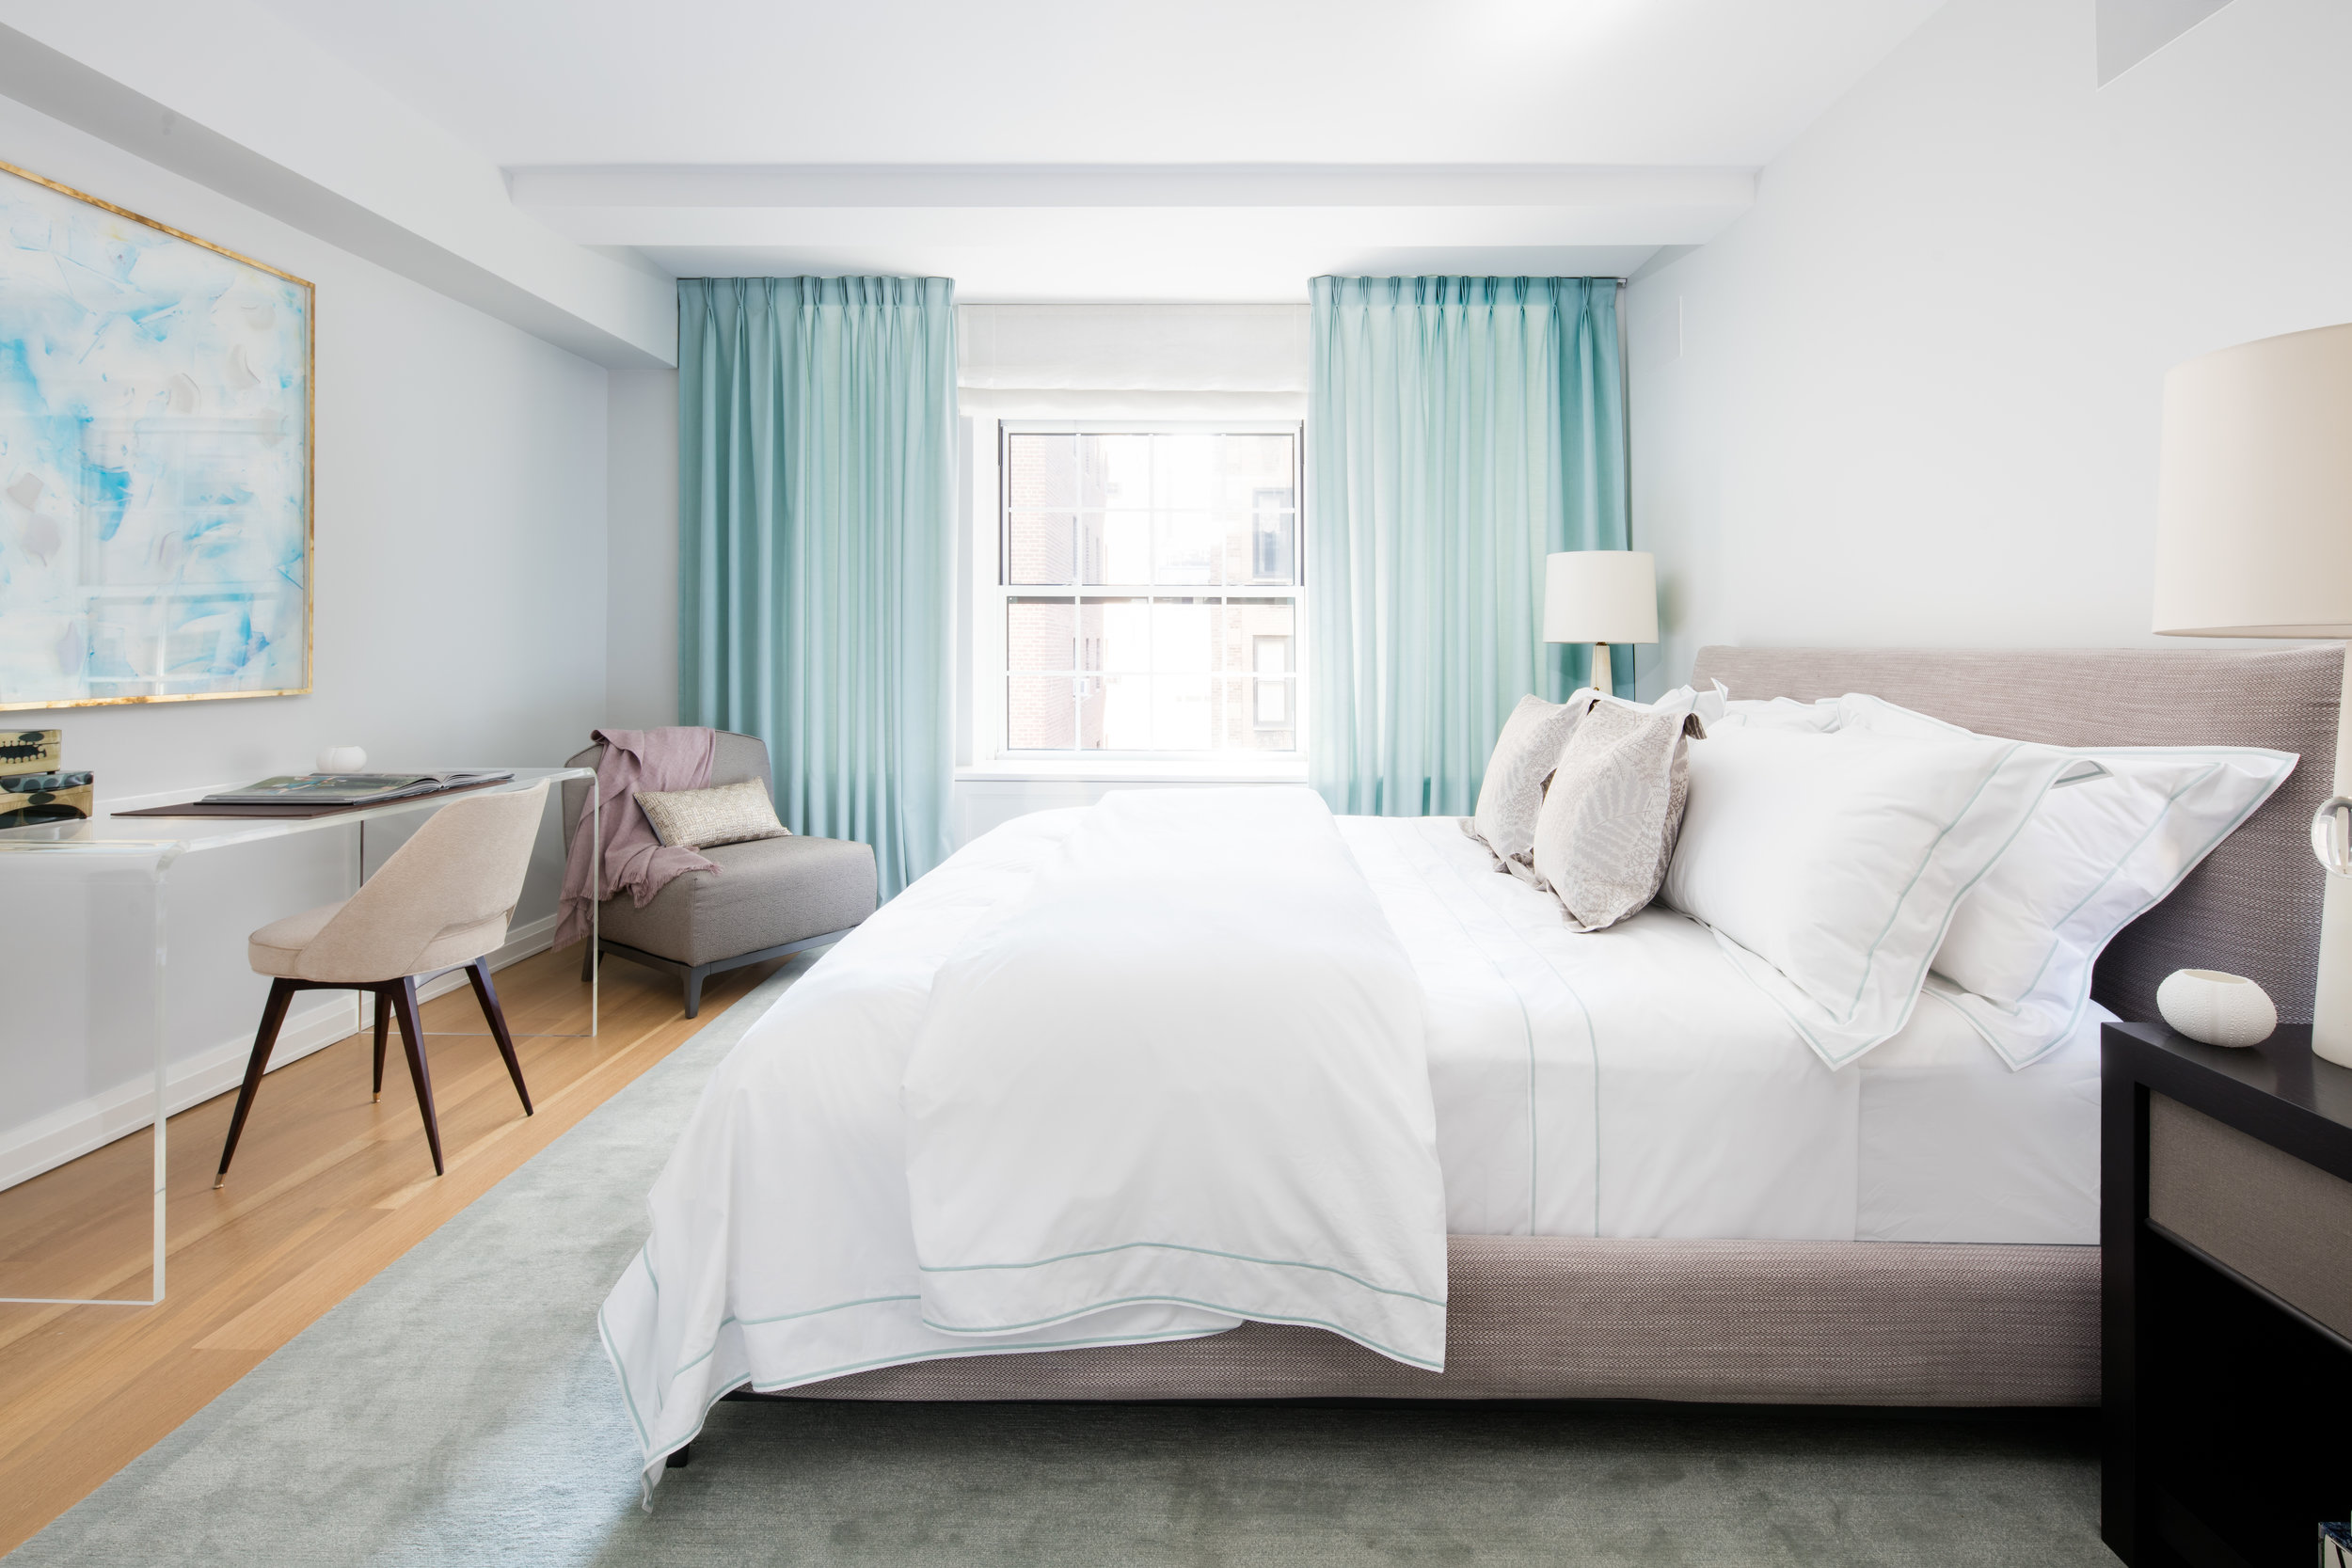 Upper East Side Residence, Candela Building, NYC